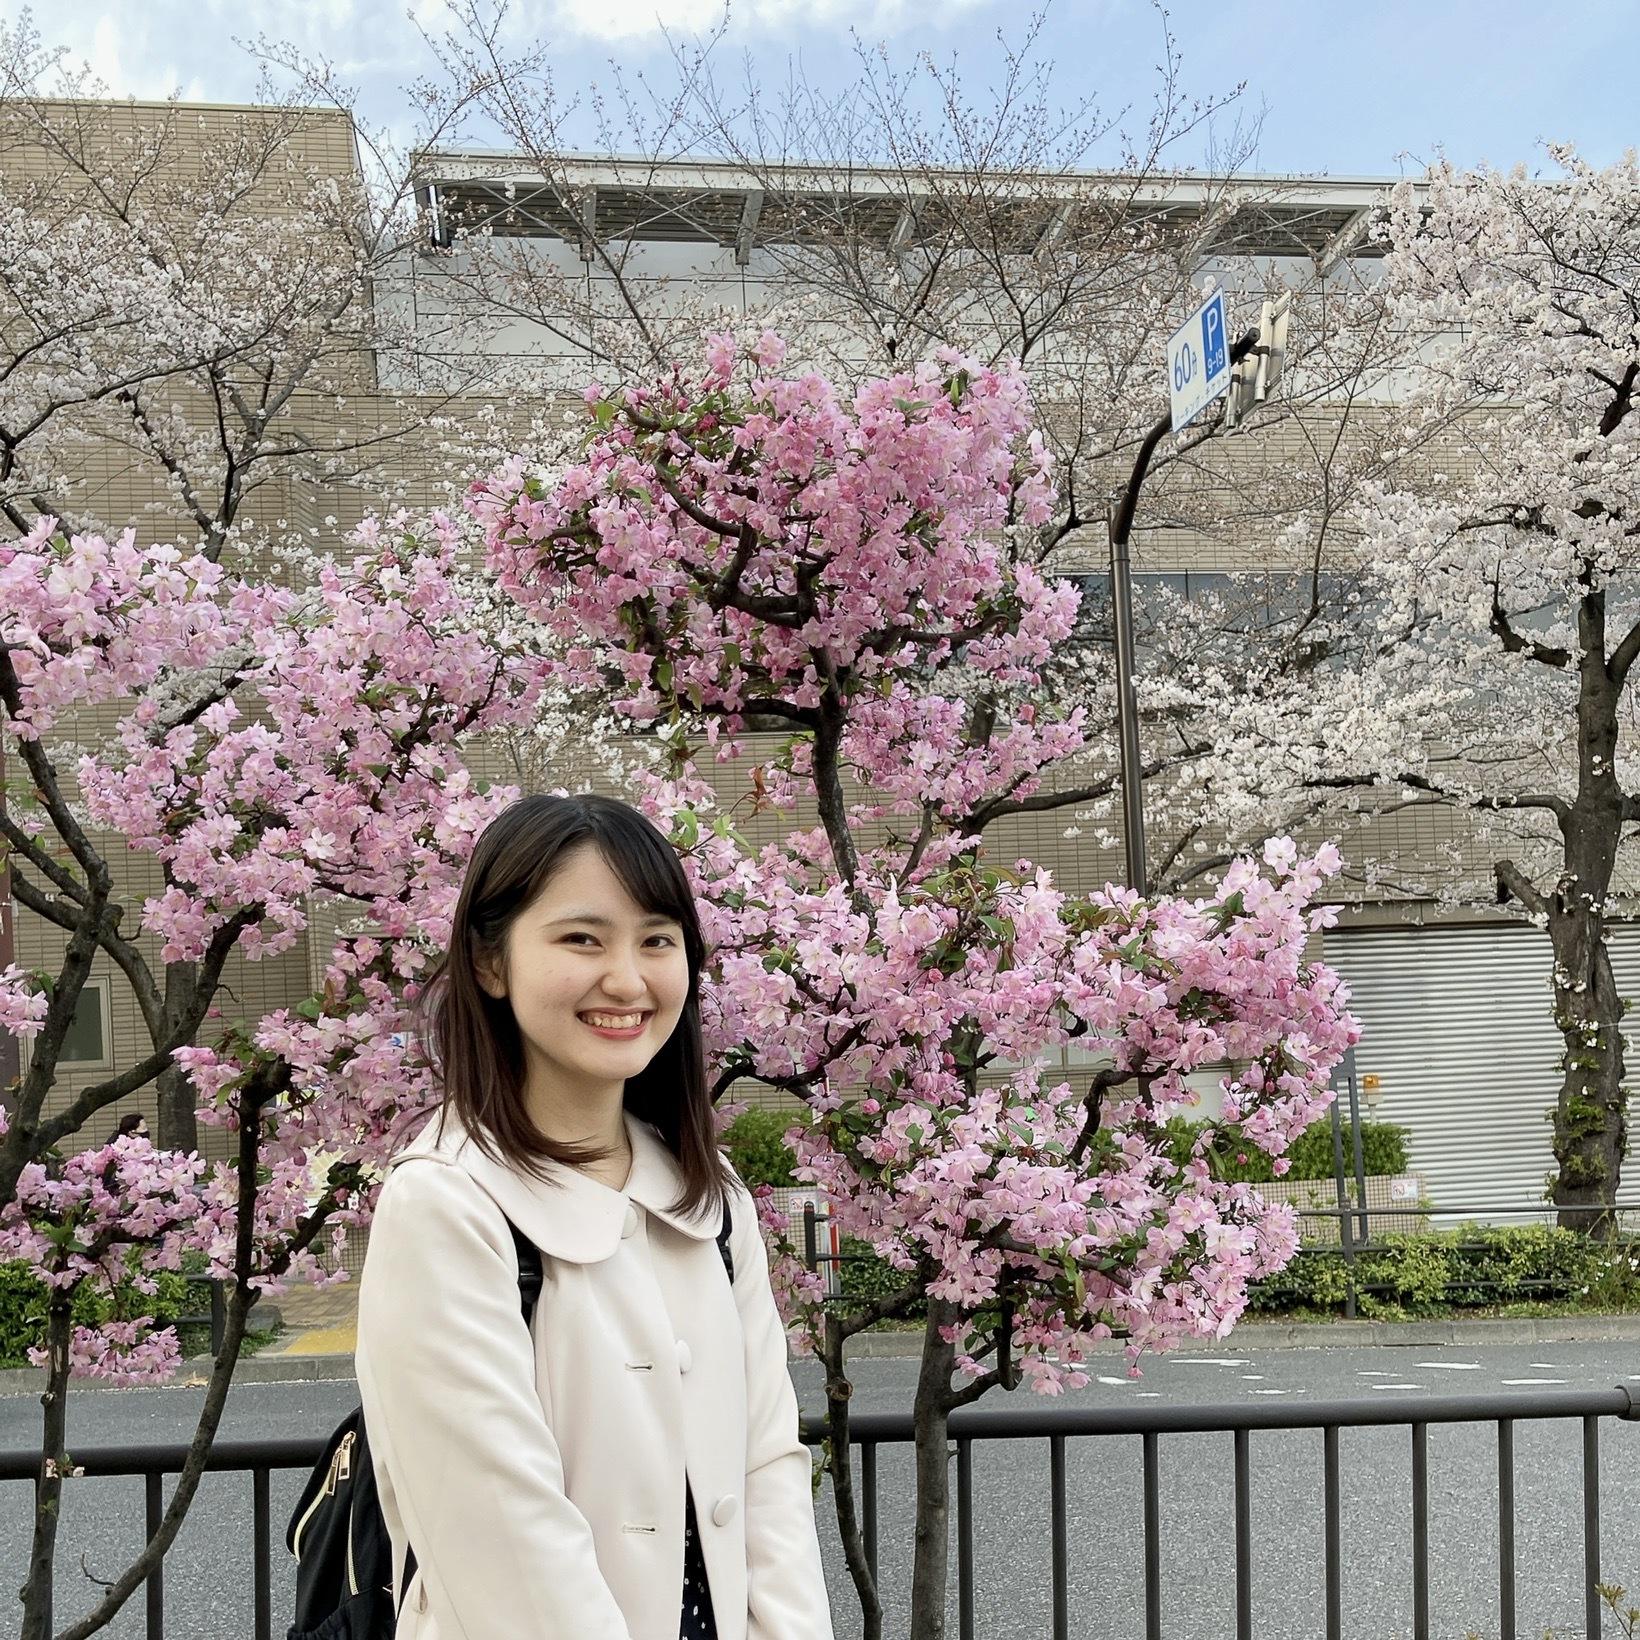 【お花見ならココ?】池袋から5分?!ドラマロケ地にもなった桜並木!!_1_1